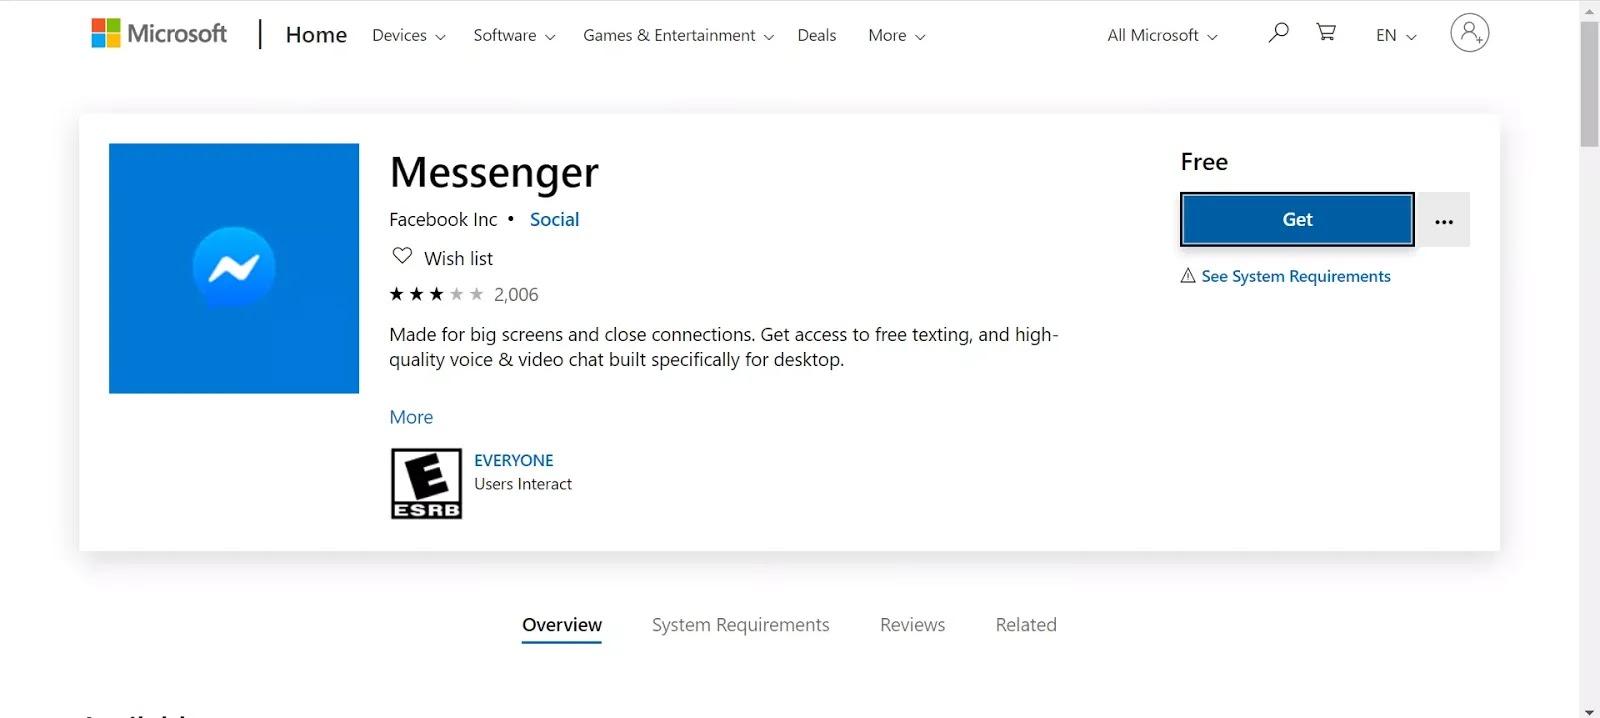 شرح تحميل تطبيق الماسنجر على ويندوز 10 من ميكروسوفت ستور